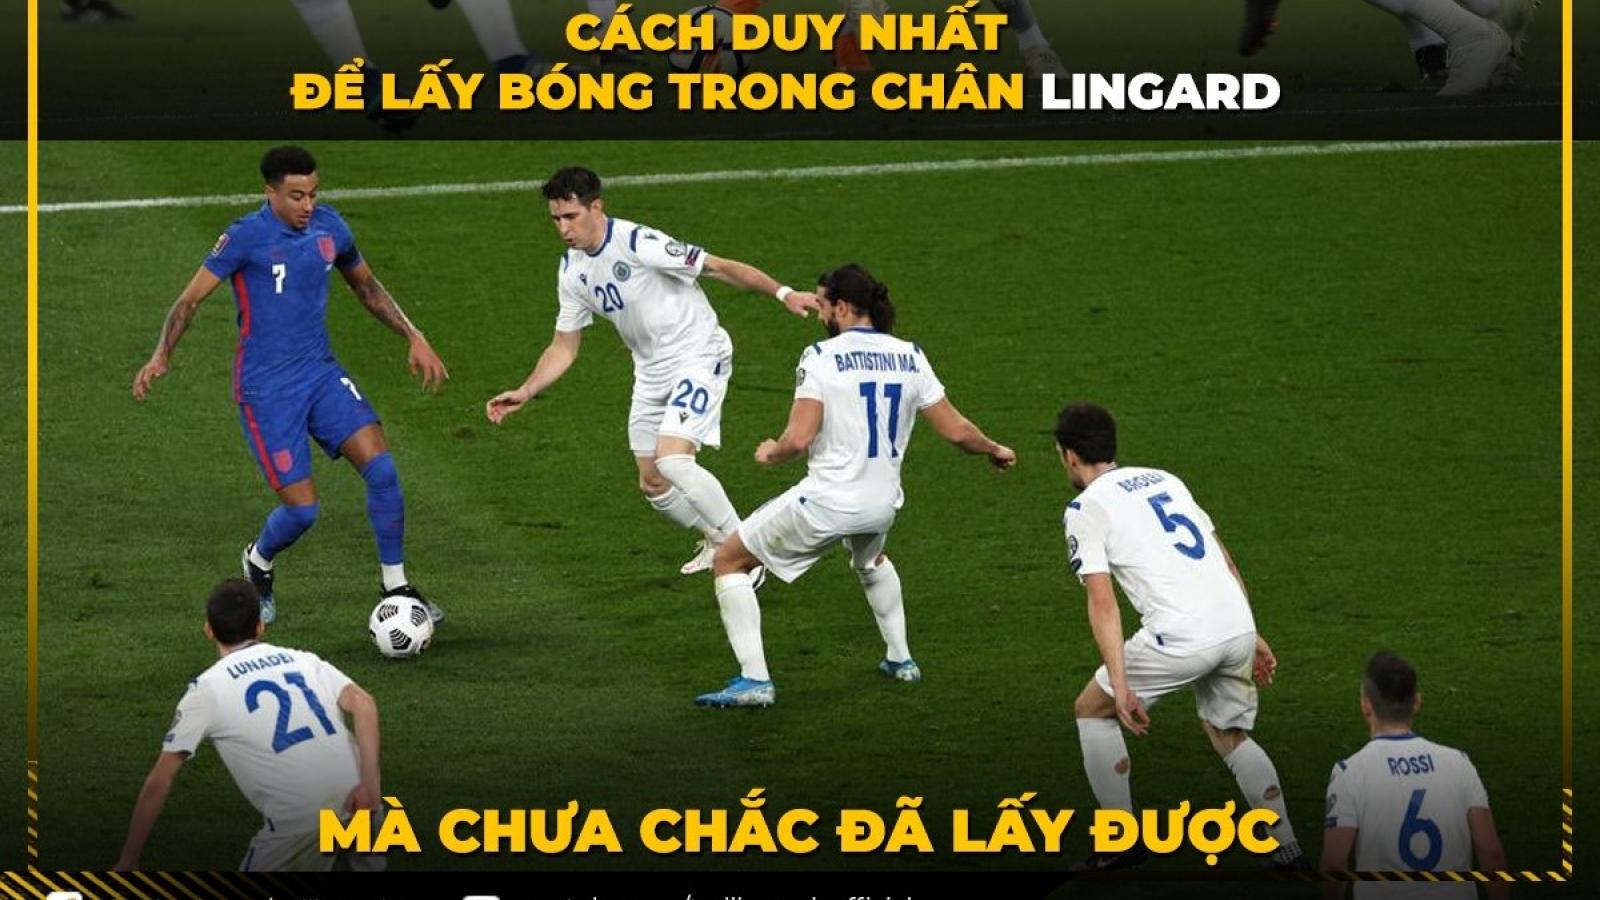 Biếm họa 24h: Lingard biến thành Messi trong màu áo ĐT Anh